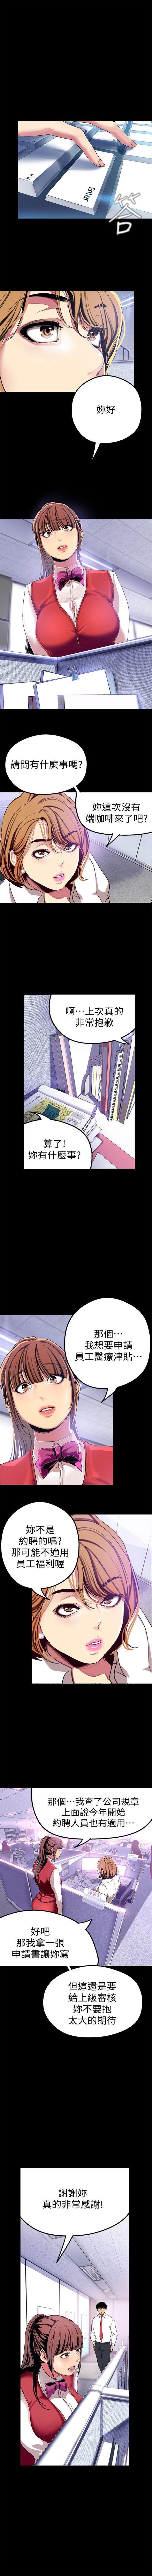 (周6)美丽新世界 1-61 中文翻译 (更新中) 214